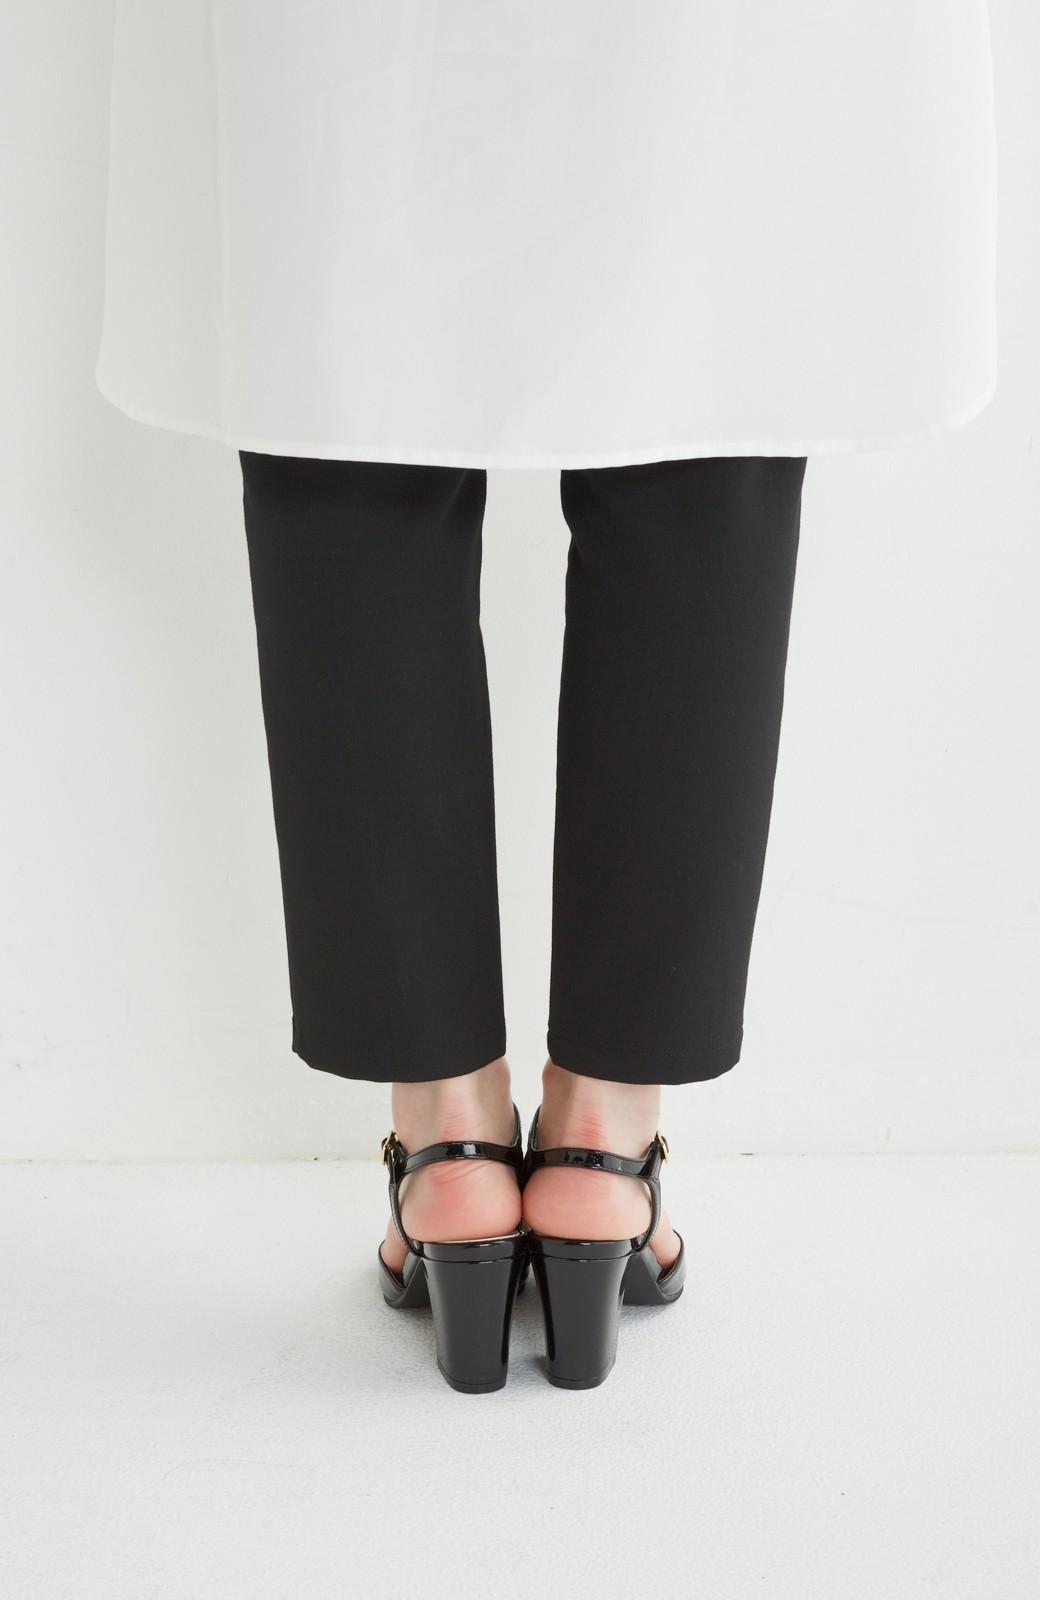 SHE THROUGH SEA おでかけの日に大切に履きたい、Tストラップパンプス <ブラック>の商品写真4